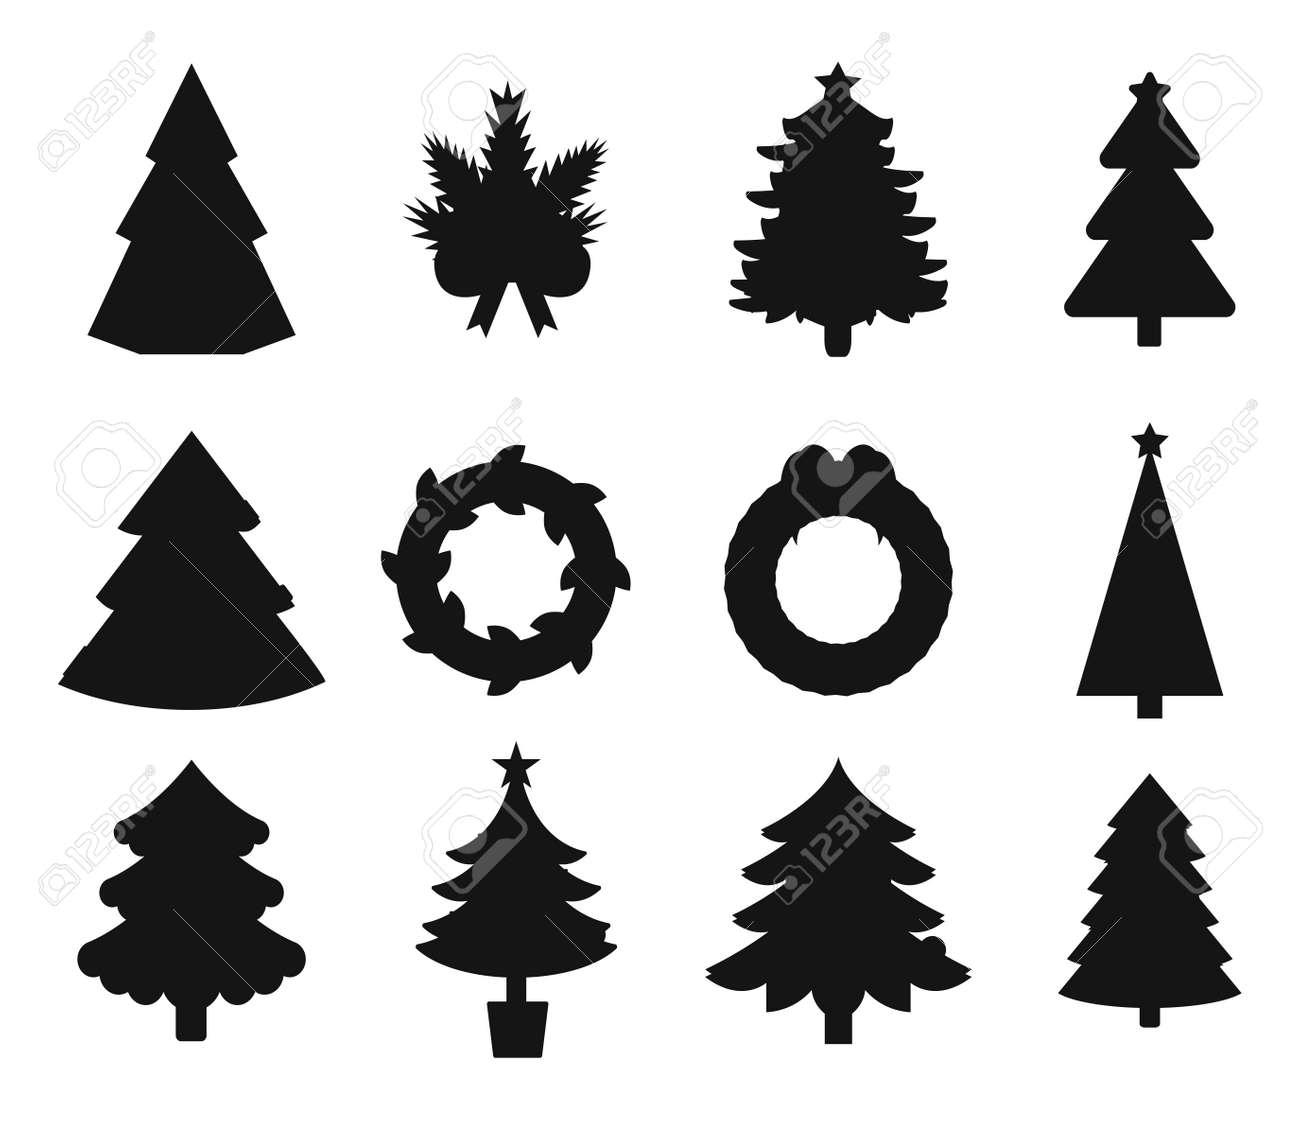 Weihnachtsbaum Schwarze Symbole Gesetzt Weihnachtsbaum Vektor